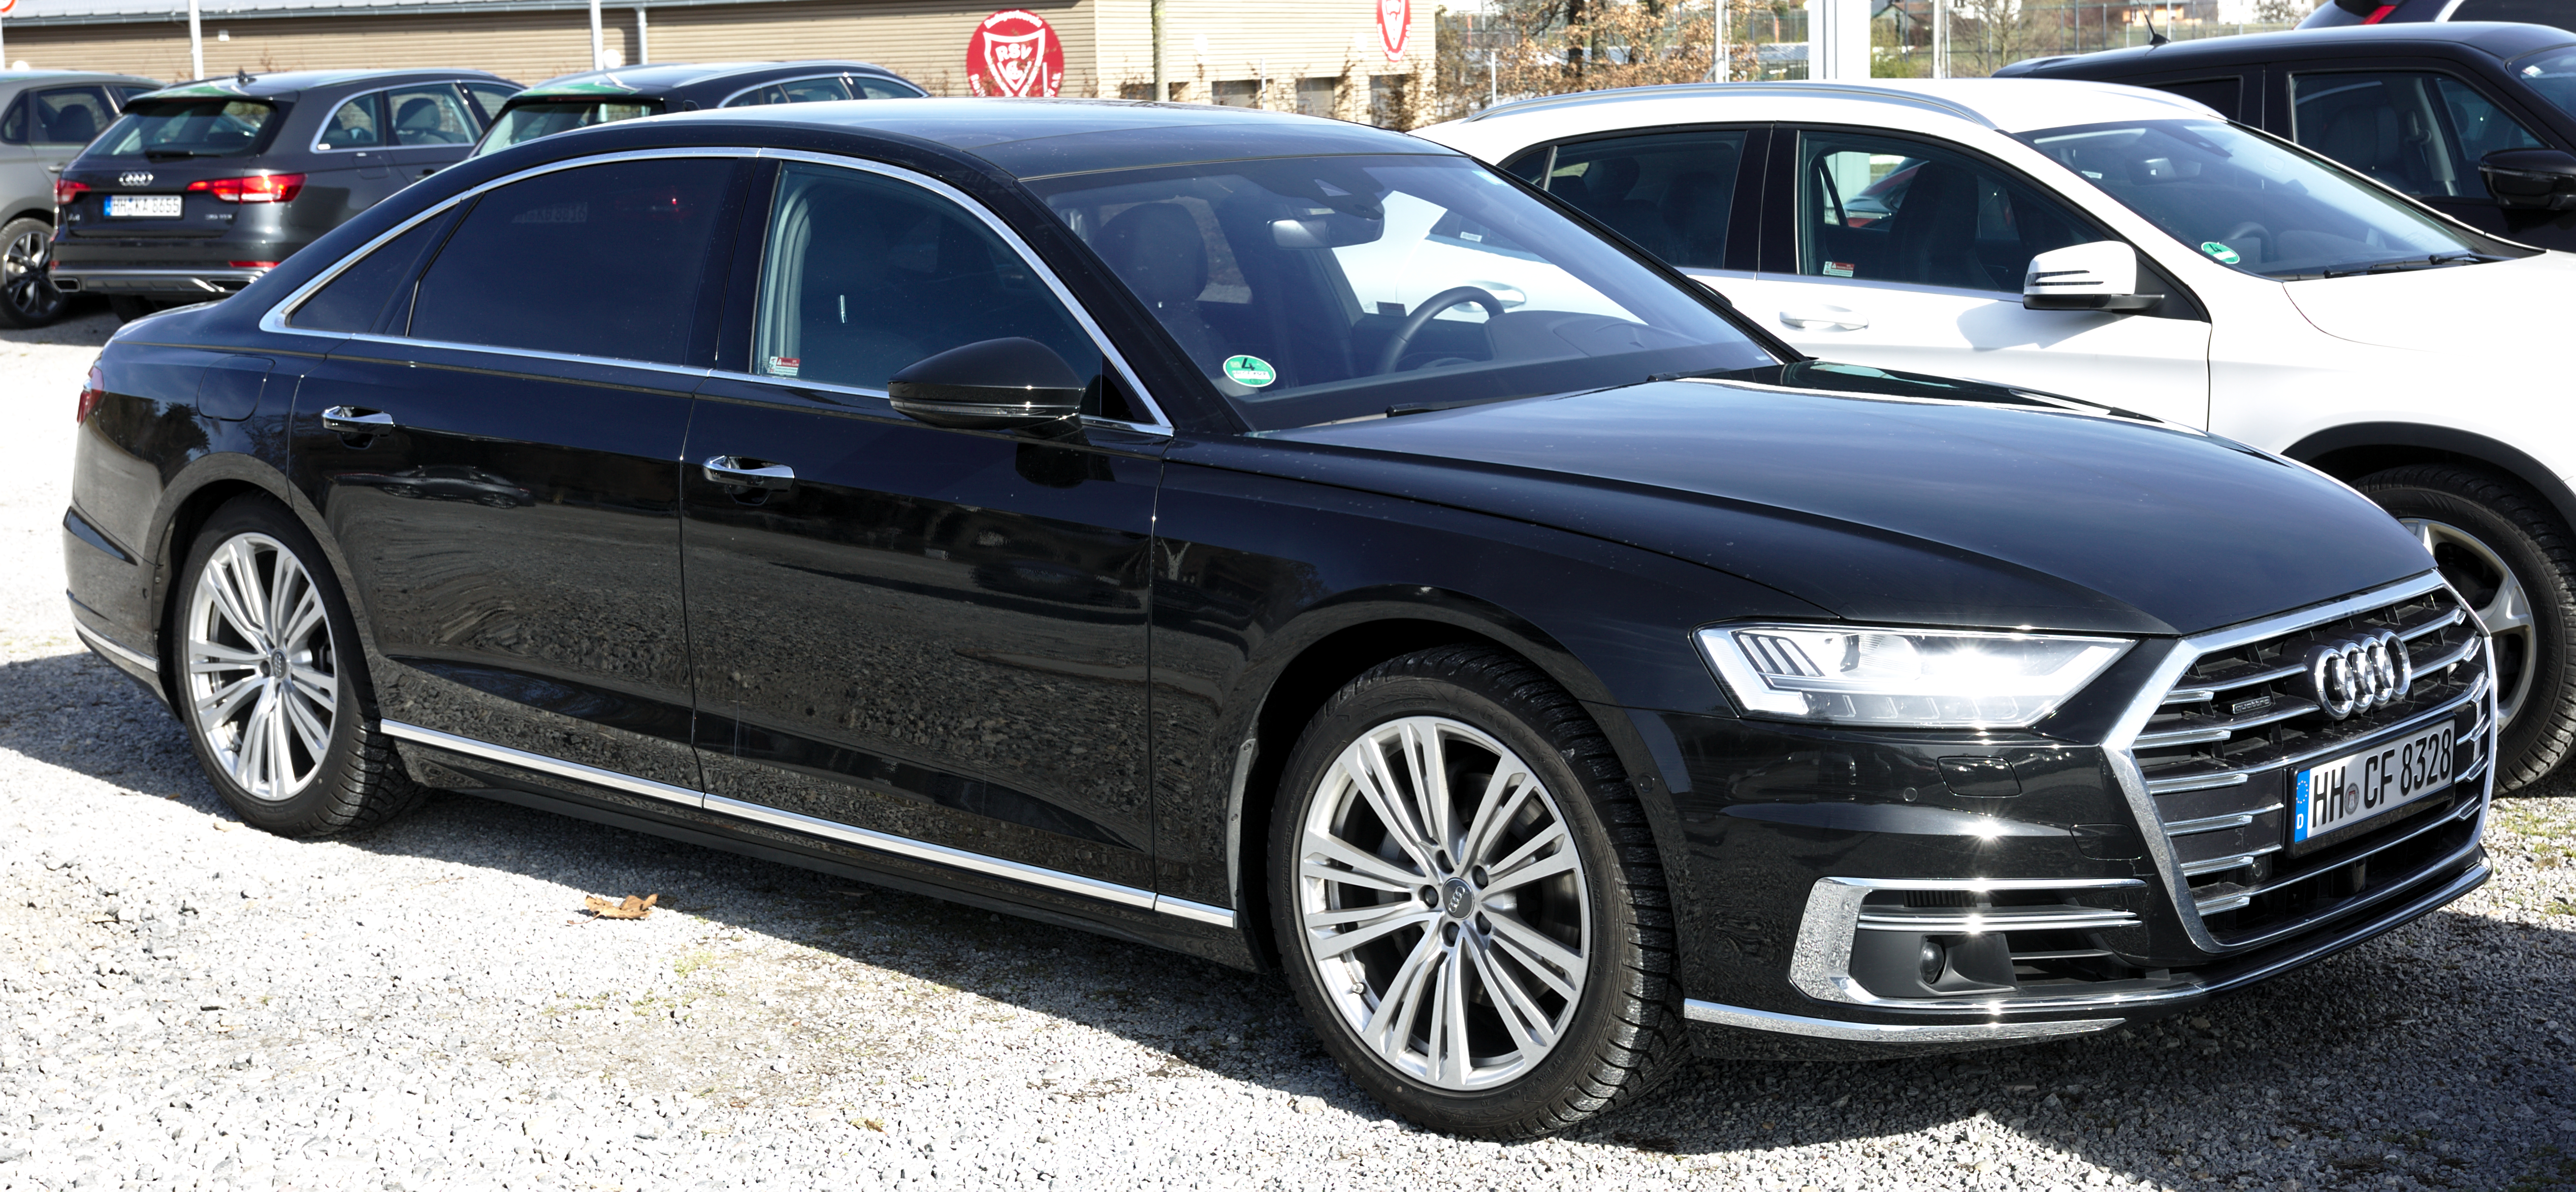 Kelebihan Audi A8 Tdi Tangguh